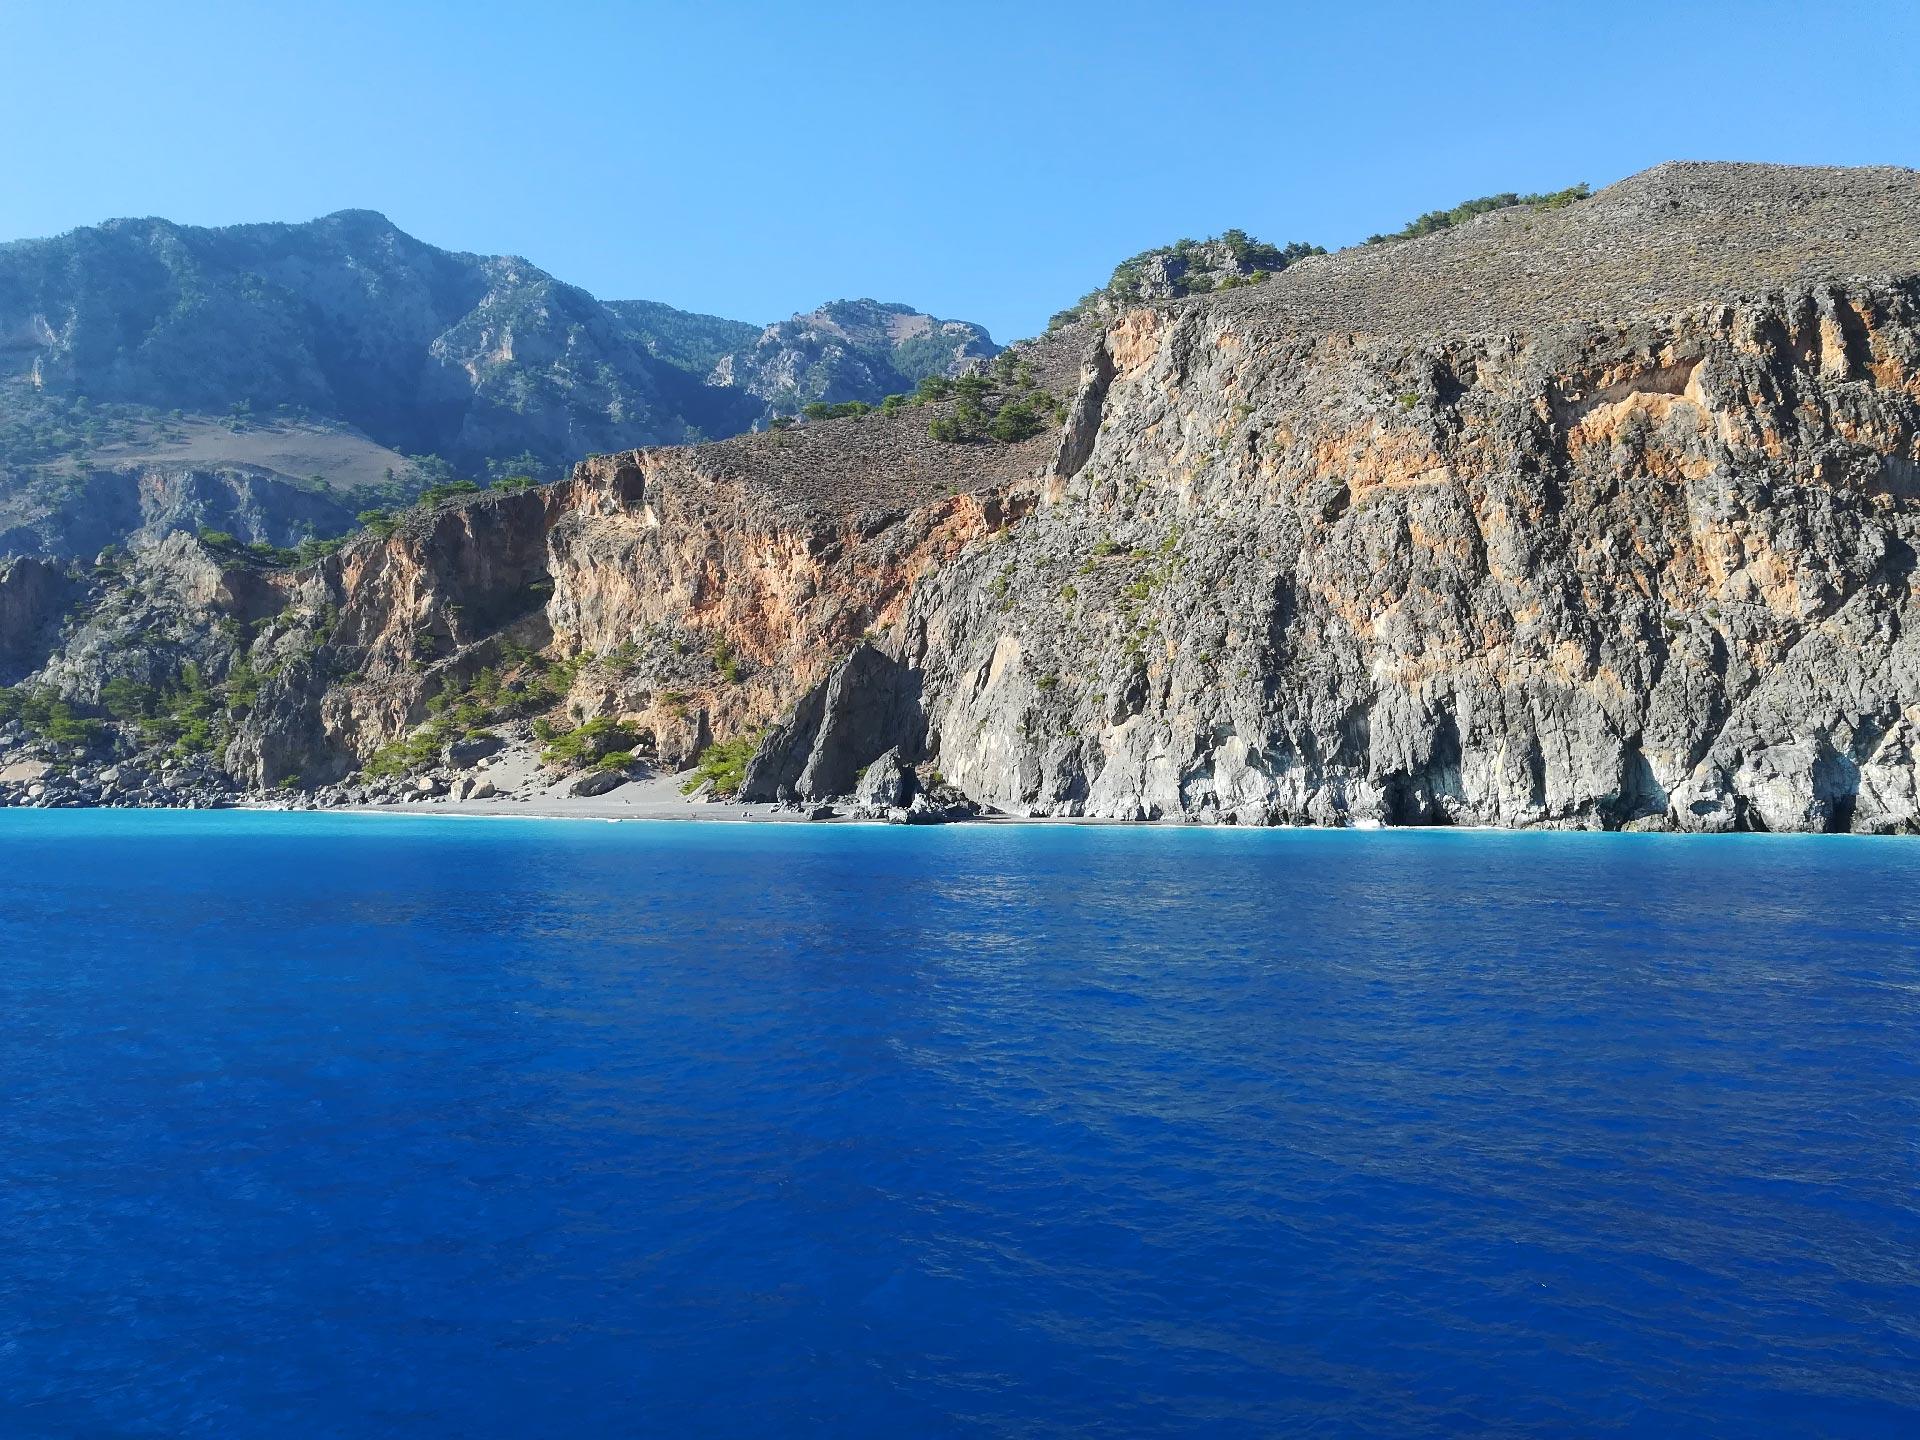 tratto di costa da Aghìa Rumèli a Chora Sfakion visto dal traghetto, Creta, Grecia